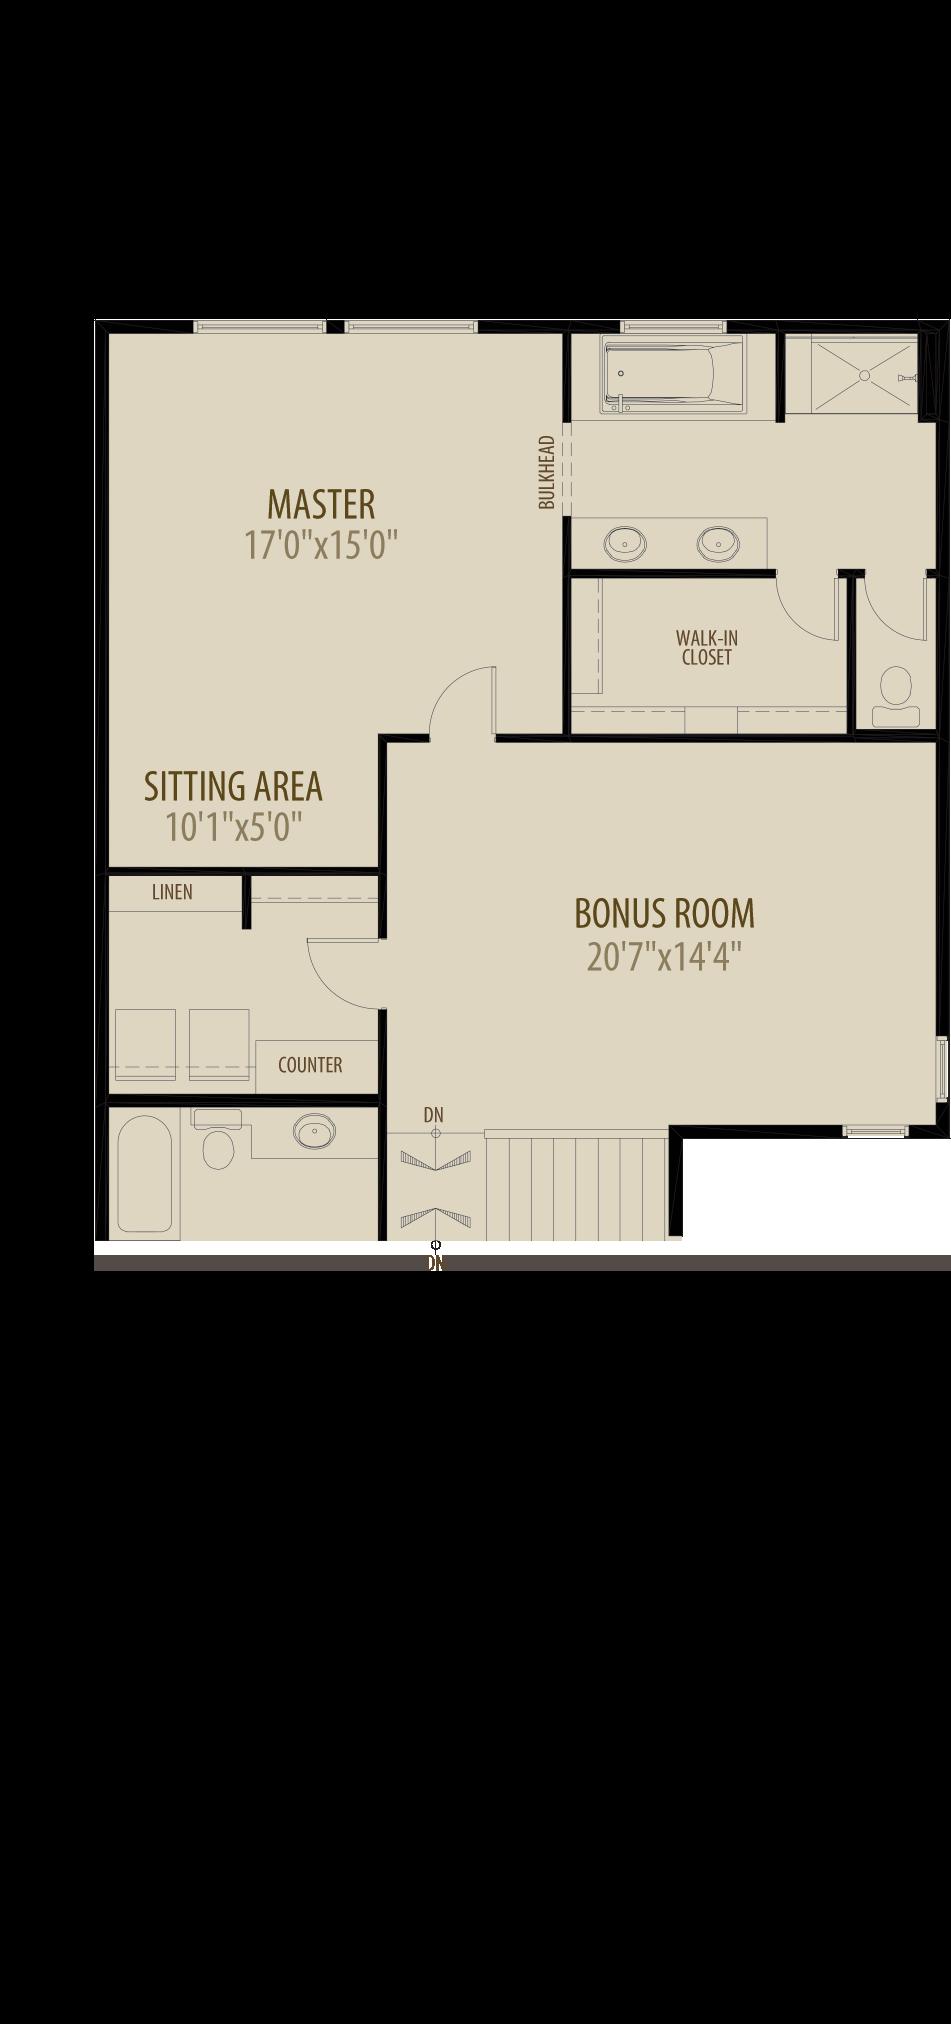 Centre Bonus Room